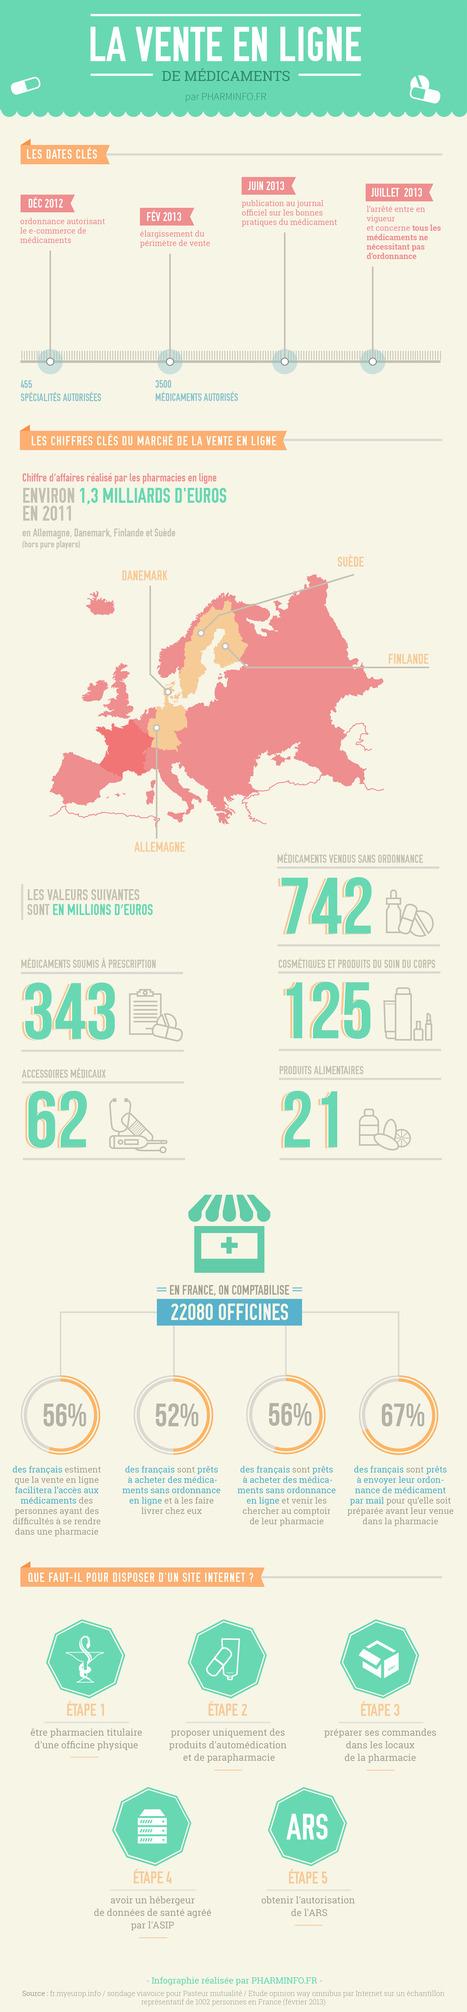 Infographie : La vente en ligne de médicaments   Santé   Scoop.it